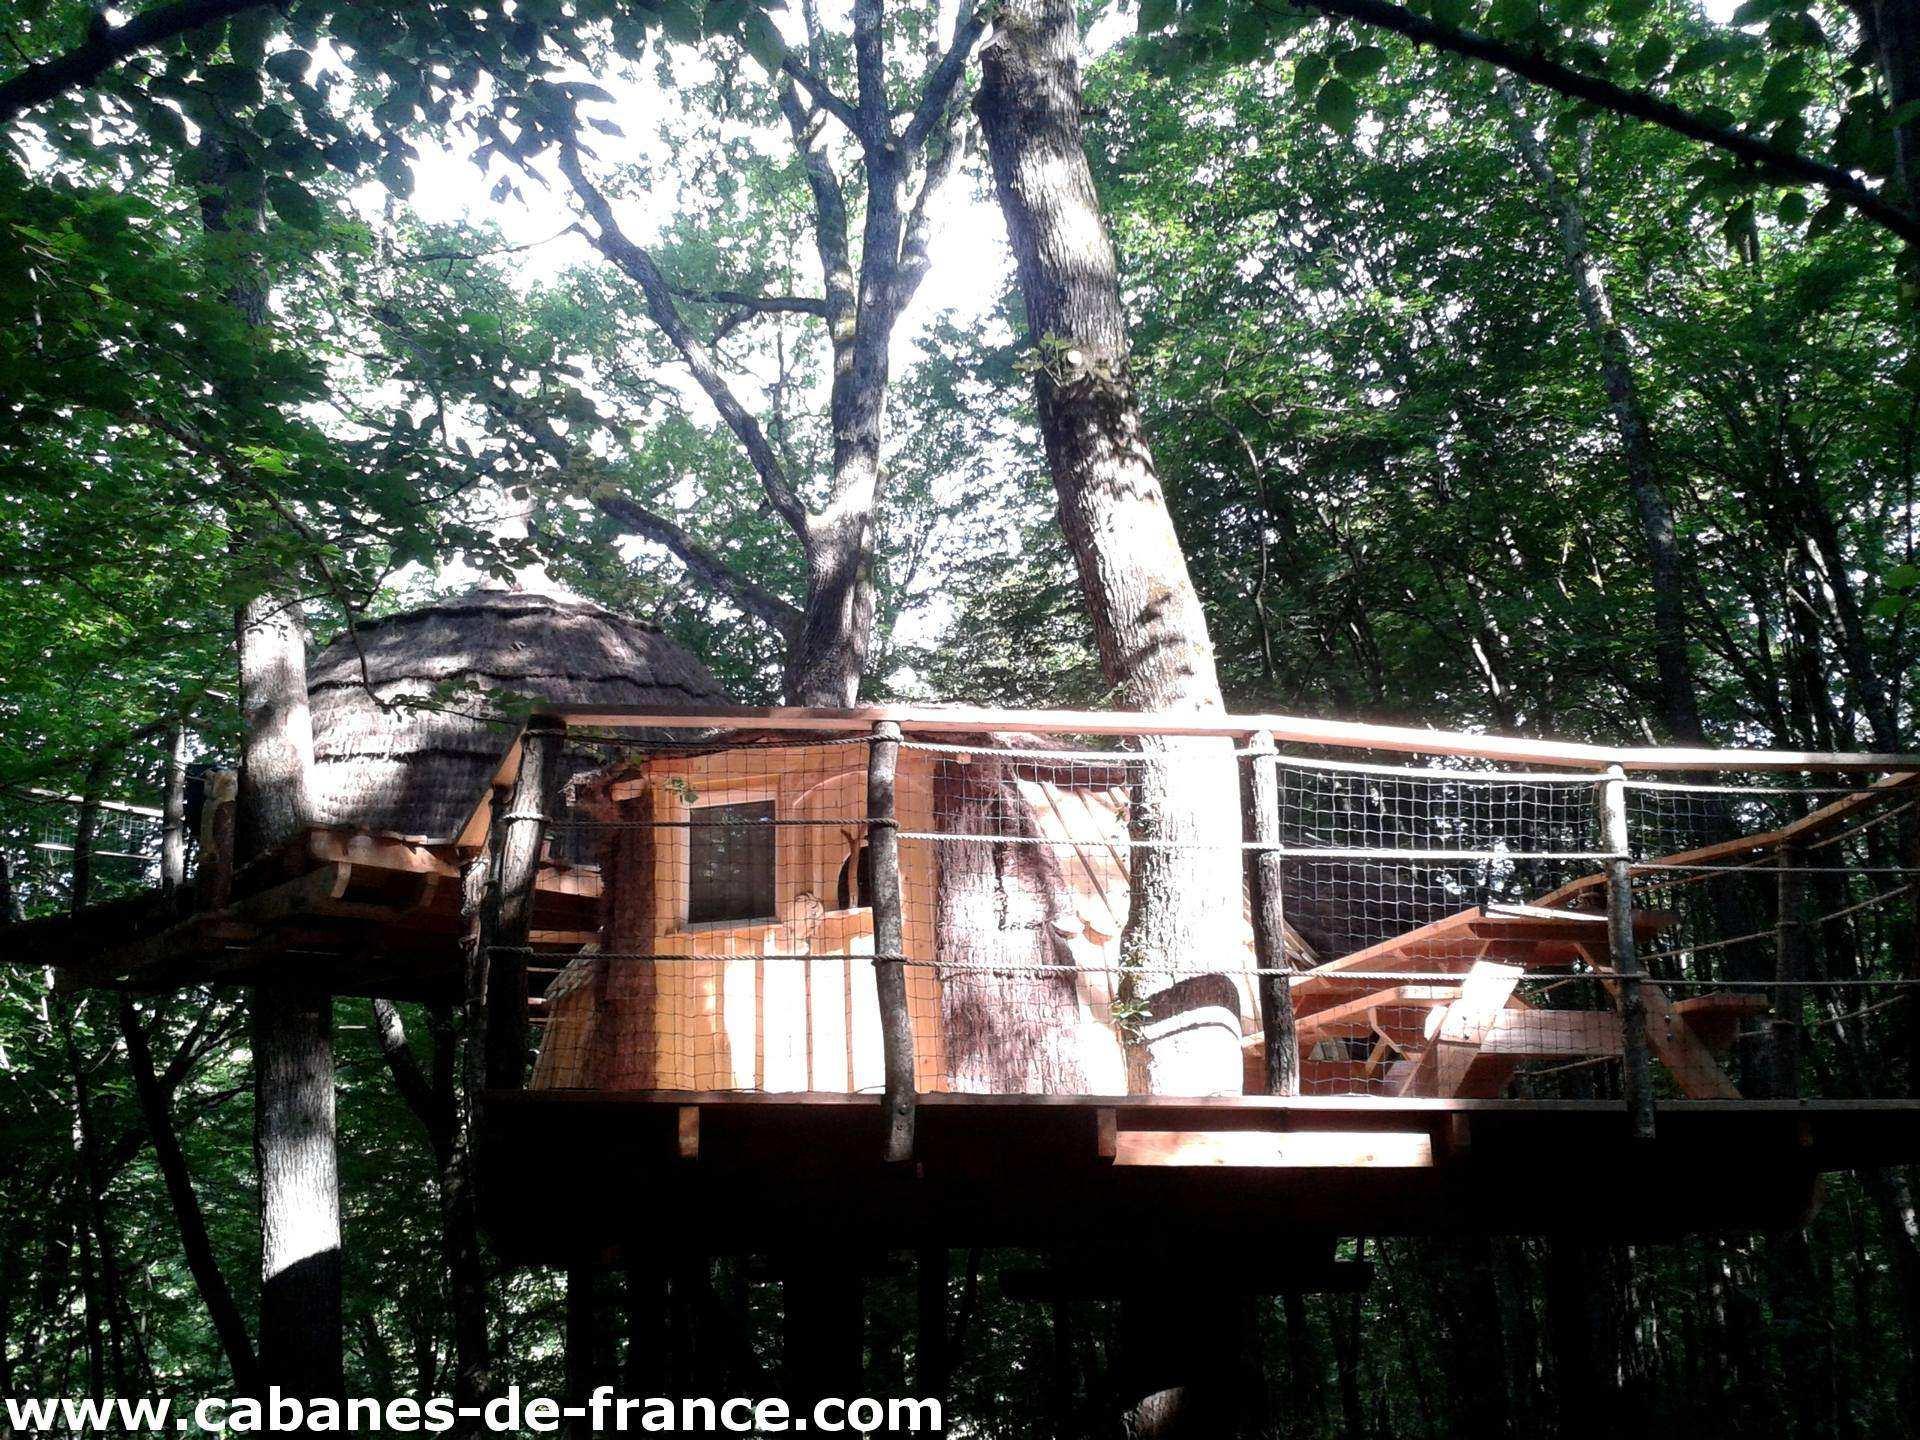 3 quercus les cabanes du bois clair cabane dans les arbres en franche comt cabanes de france. Black Bedroom Furniture Sets. Home Design Ideas